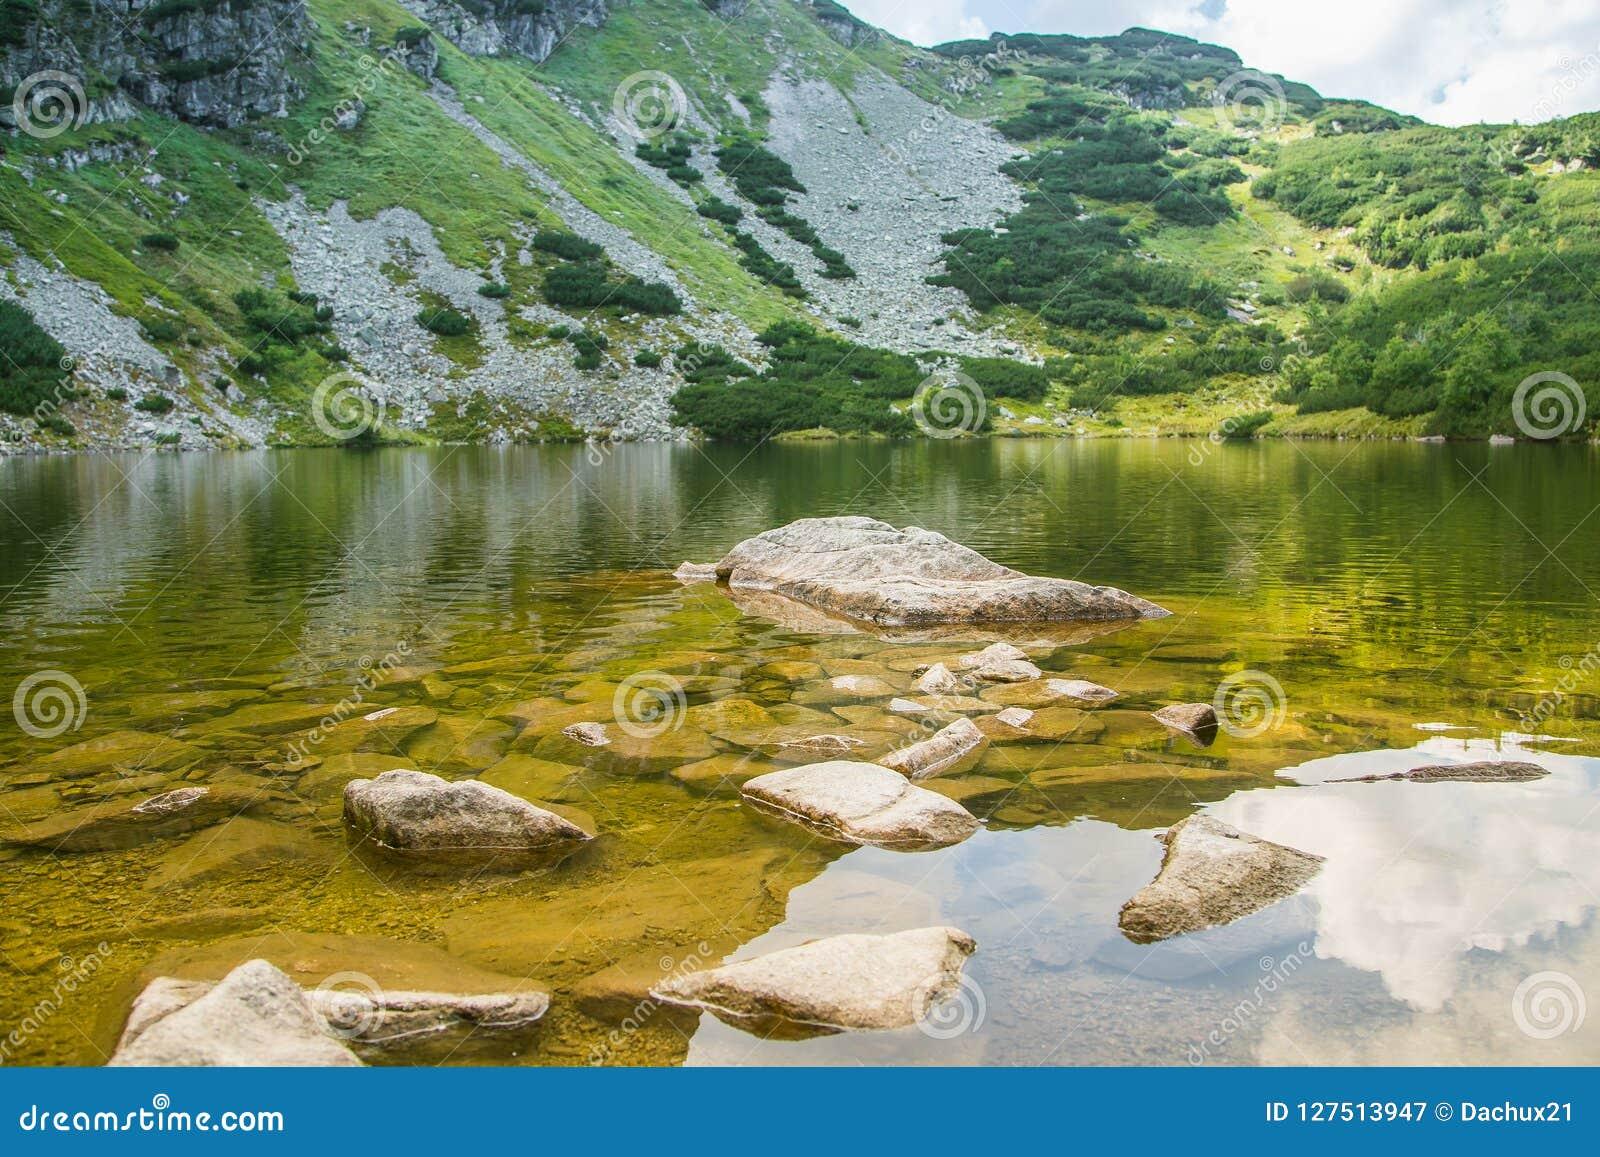 Piękny, czysty jezioro w halnej dolinie w spokoju, słoneczny dzień Góra krajobraz z wodą w lecie